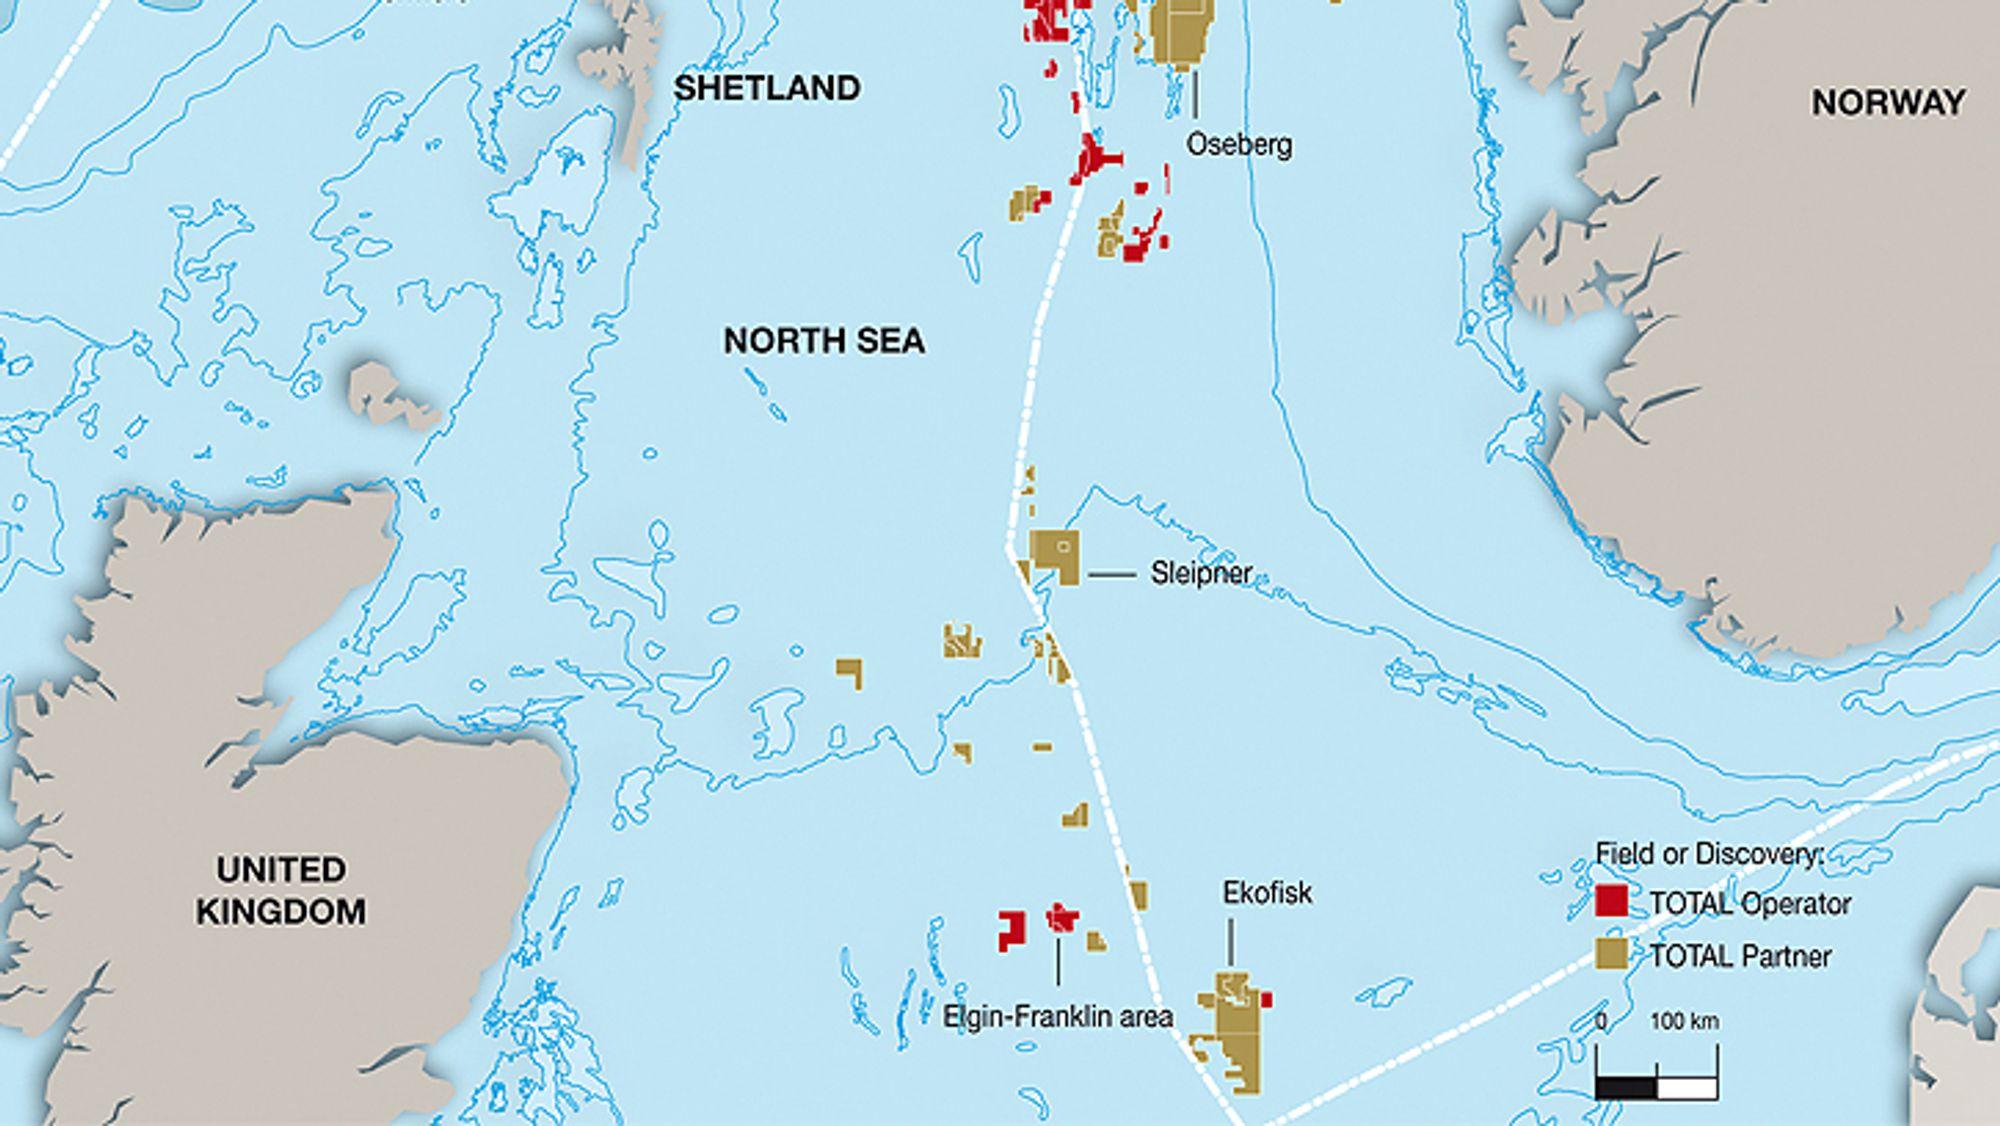 Elgin og Shearwater ligger rett vest for Ekofisk, på britisk side. ETAP ligger litt lenger nord. Det er kortere fra feltene til Skottland enn til Norge, likevel har operatørene søkt om å få koble plattformene til kraftnettet i Norge.